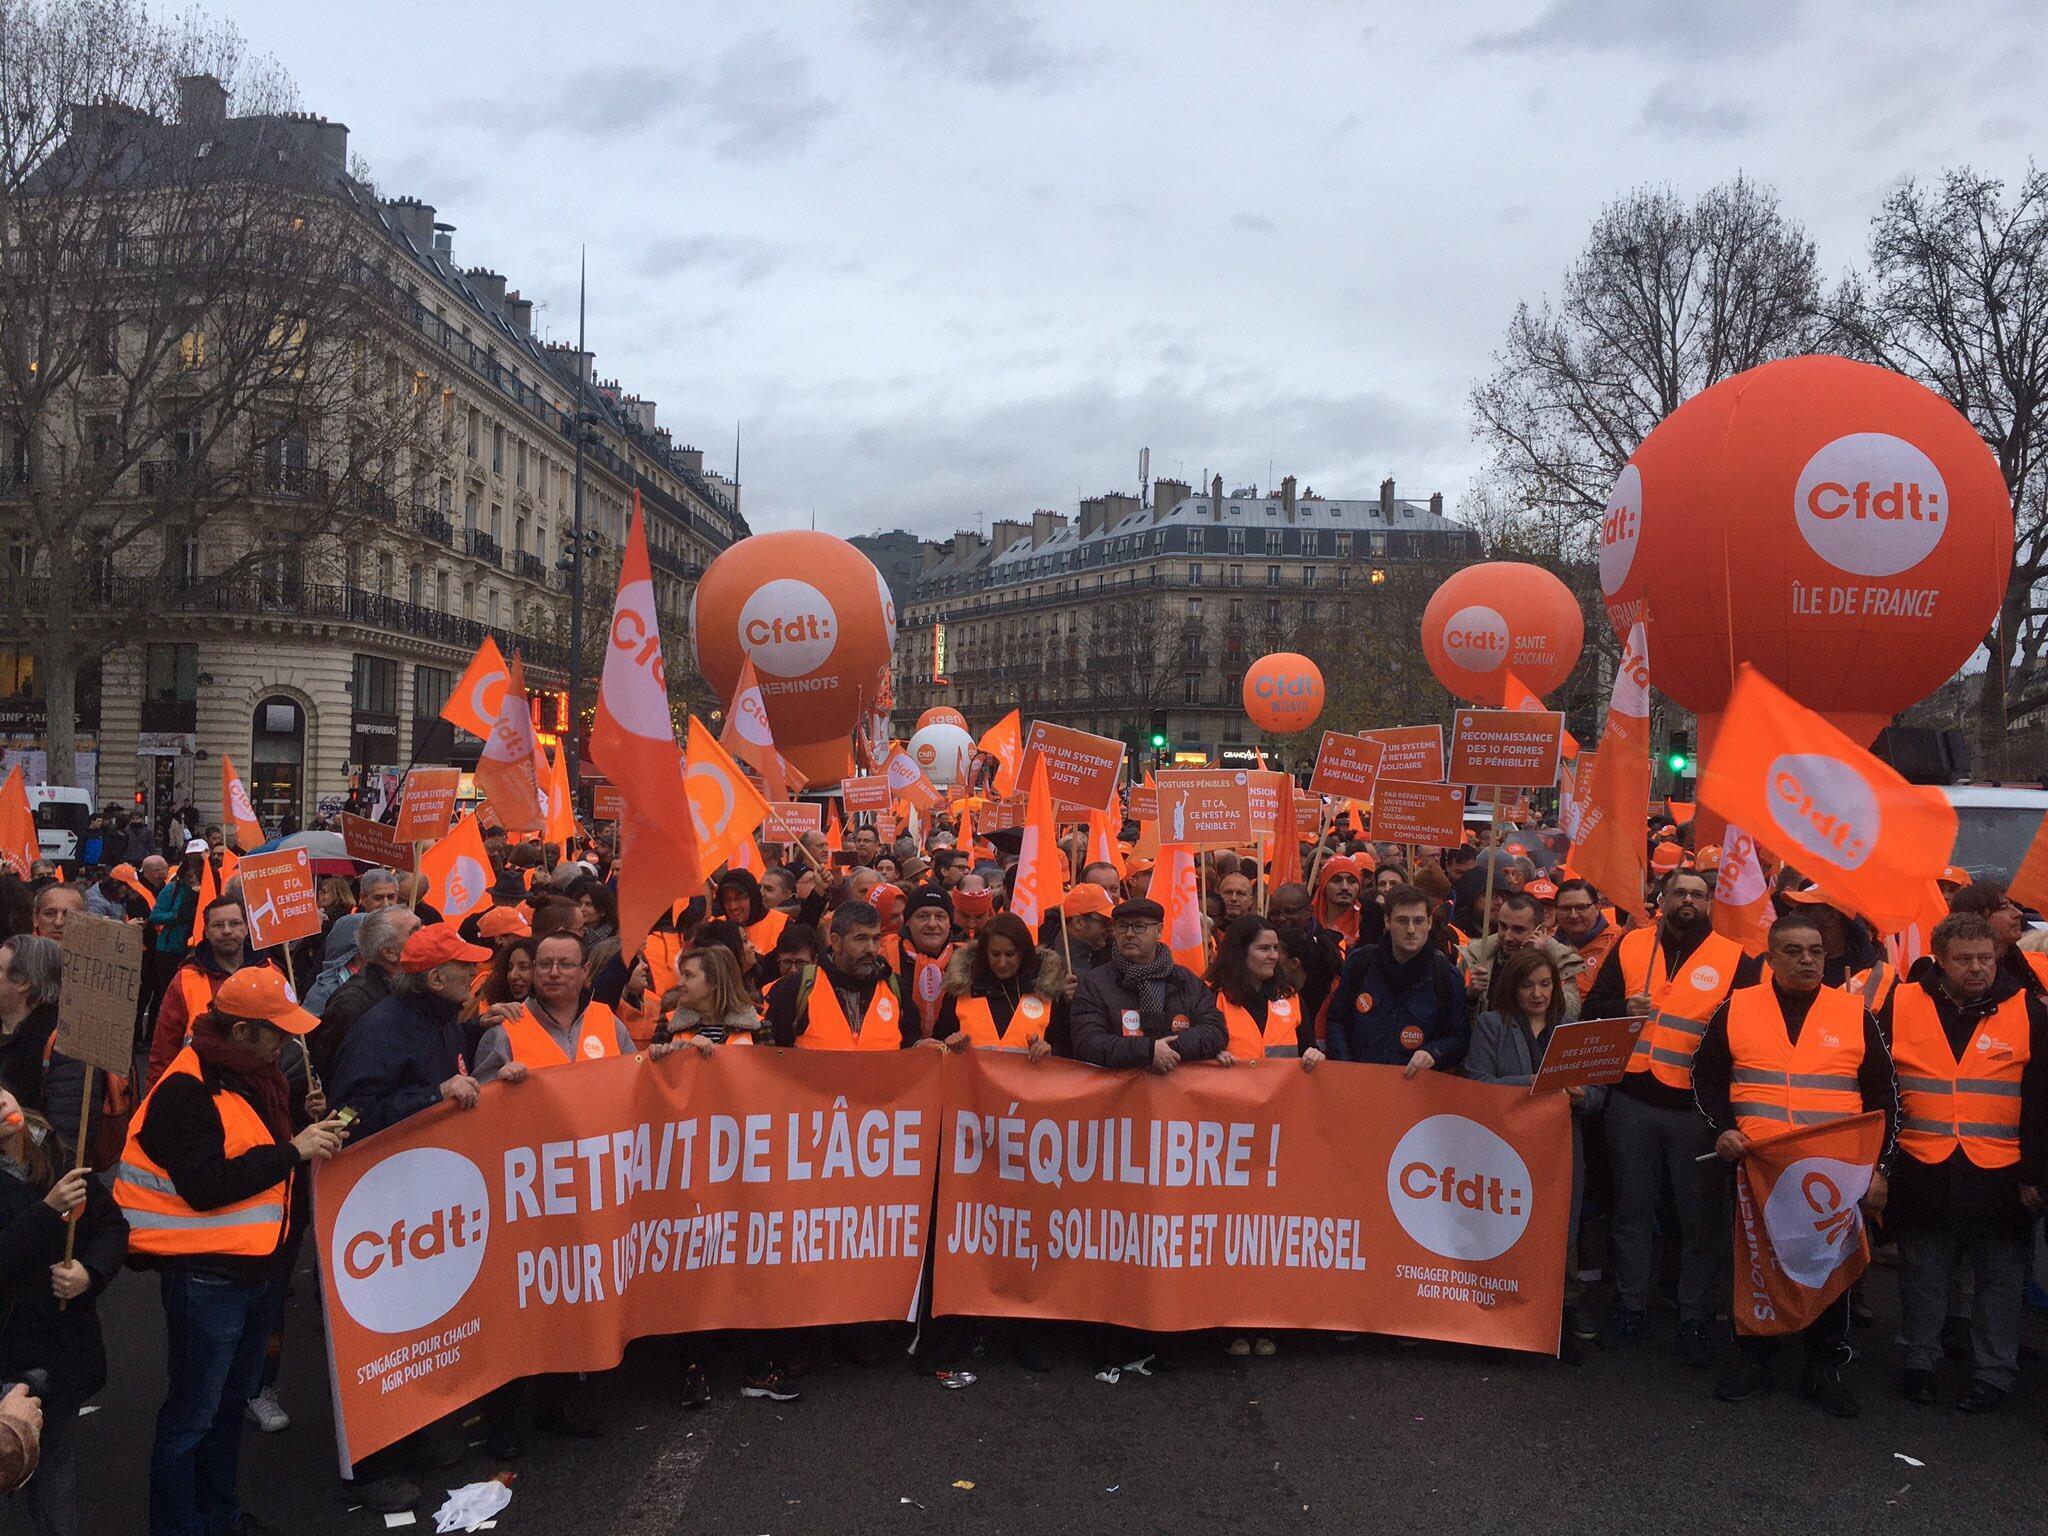 """اعتصاب سراسری امروز (سهشنبه ۱۷ دسامبر) اتحادیه صنفی """"سهافدهته"""" (CFDT)، بزرگترین اتحادیه فرانسه علیه اصلاح قانون بازنشستگی در این کشور."""